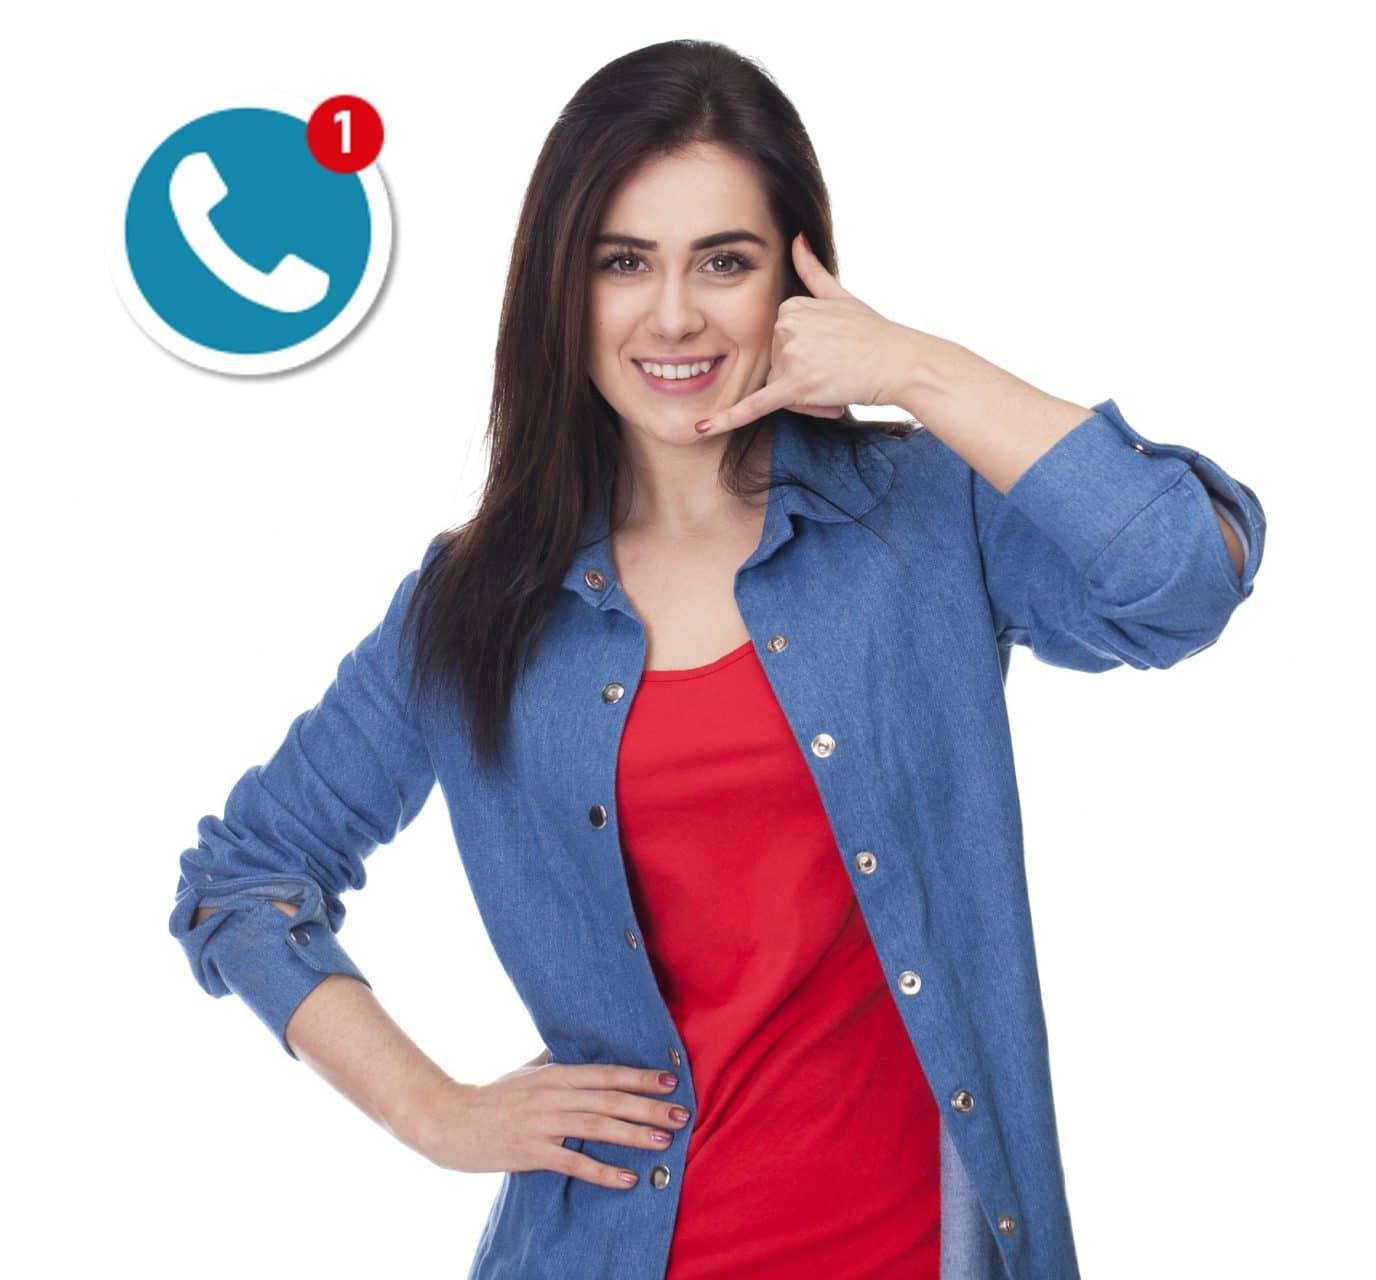 Usługa callback - słuchawka na stronie, zadzwonimy w 26 sekund - tytuł